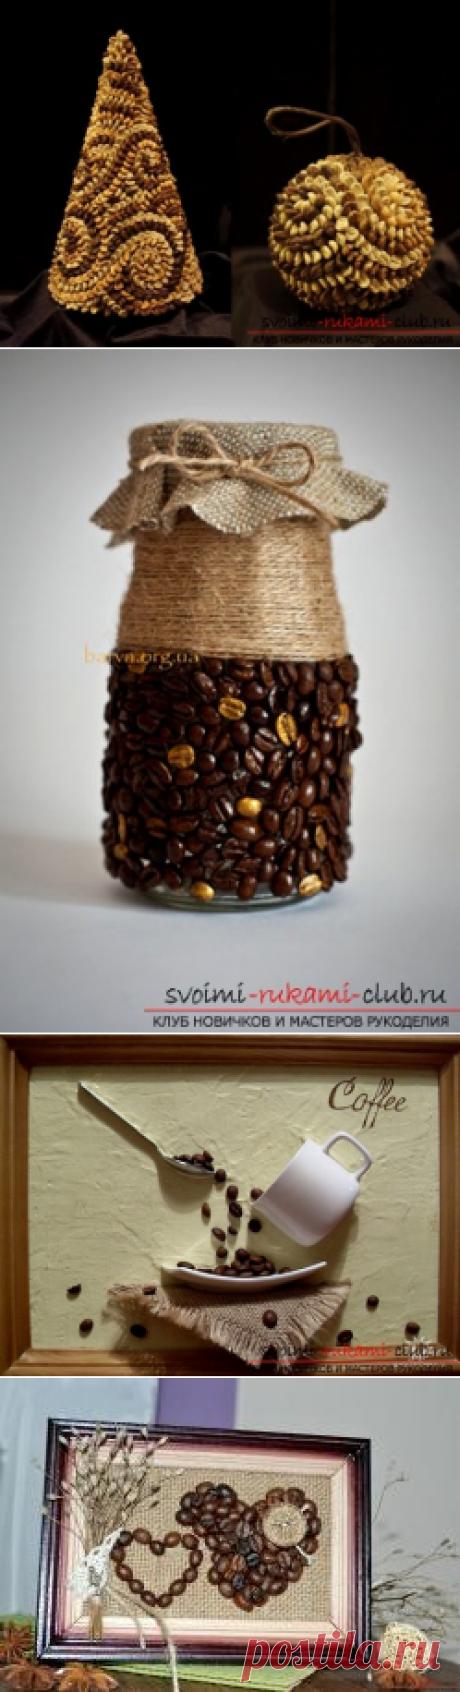 Создаём прекрасные поделки из кофе. Результат приятно шокирует.